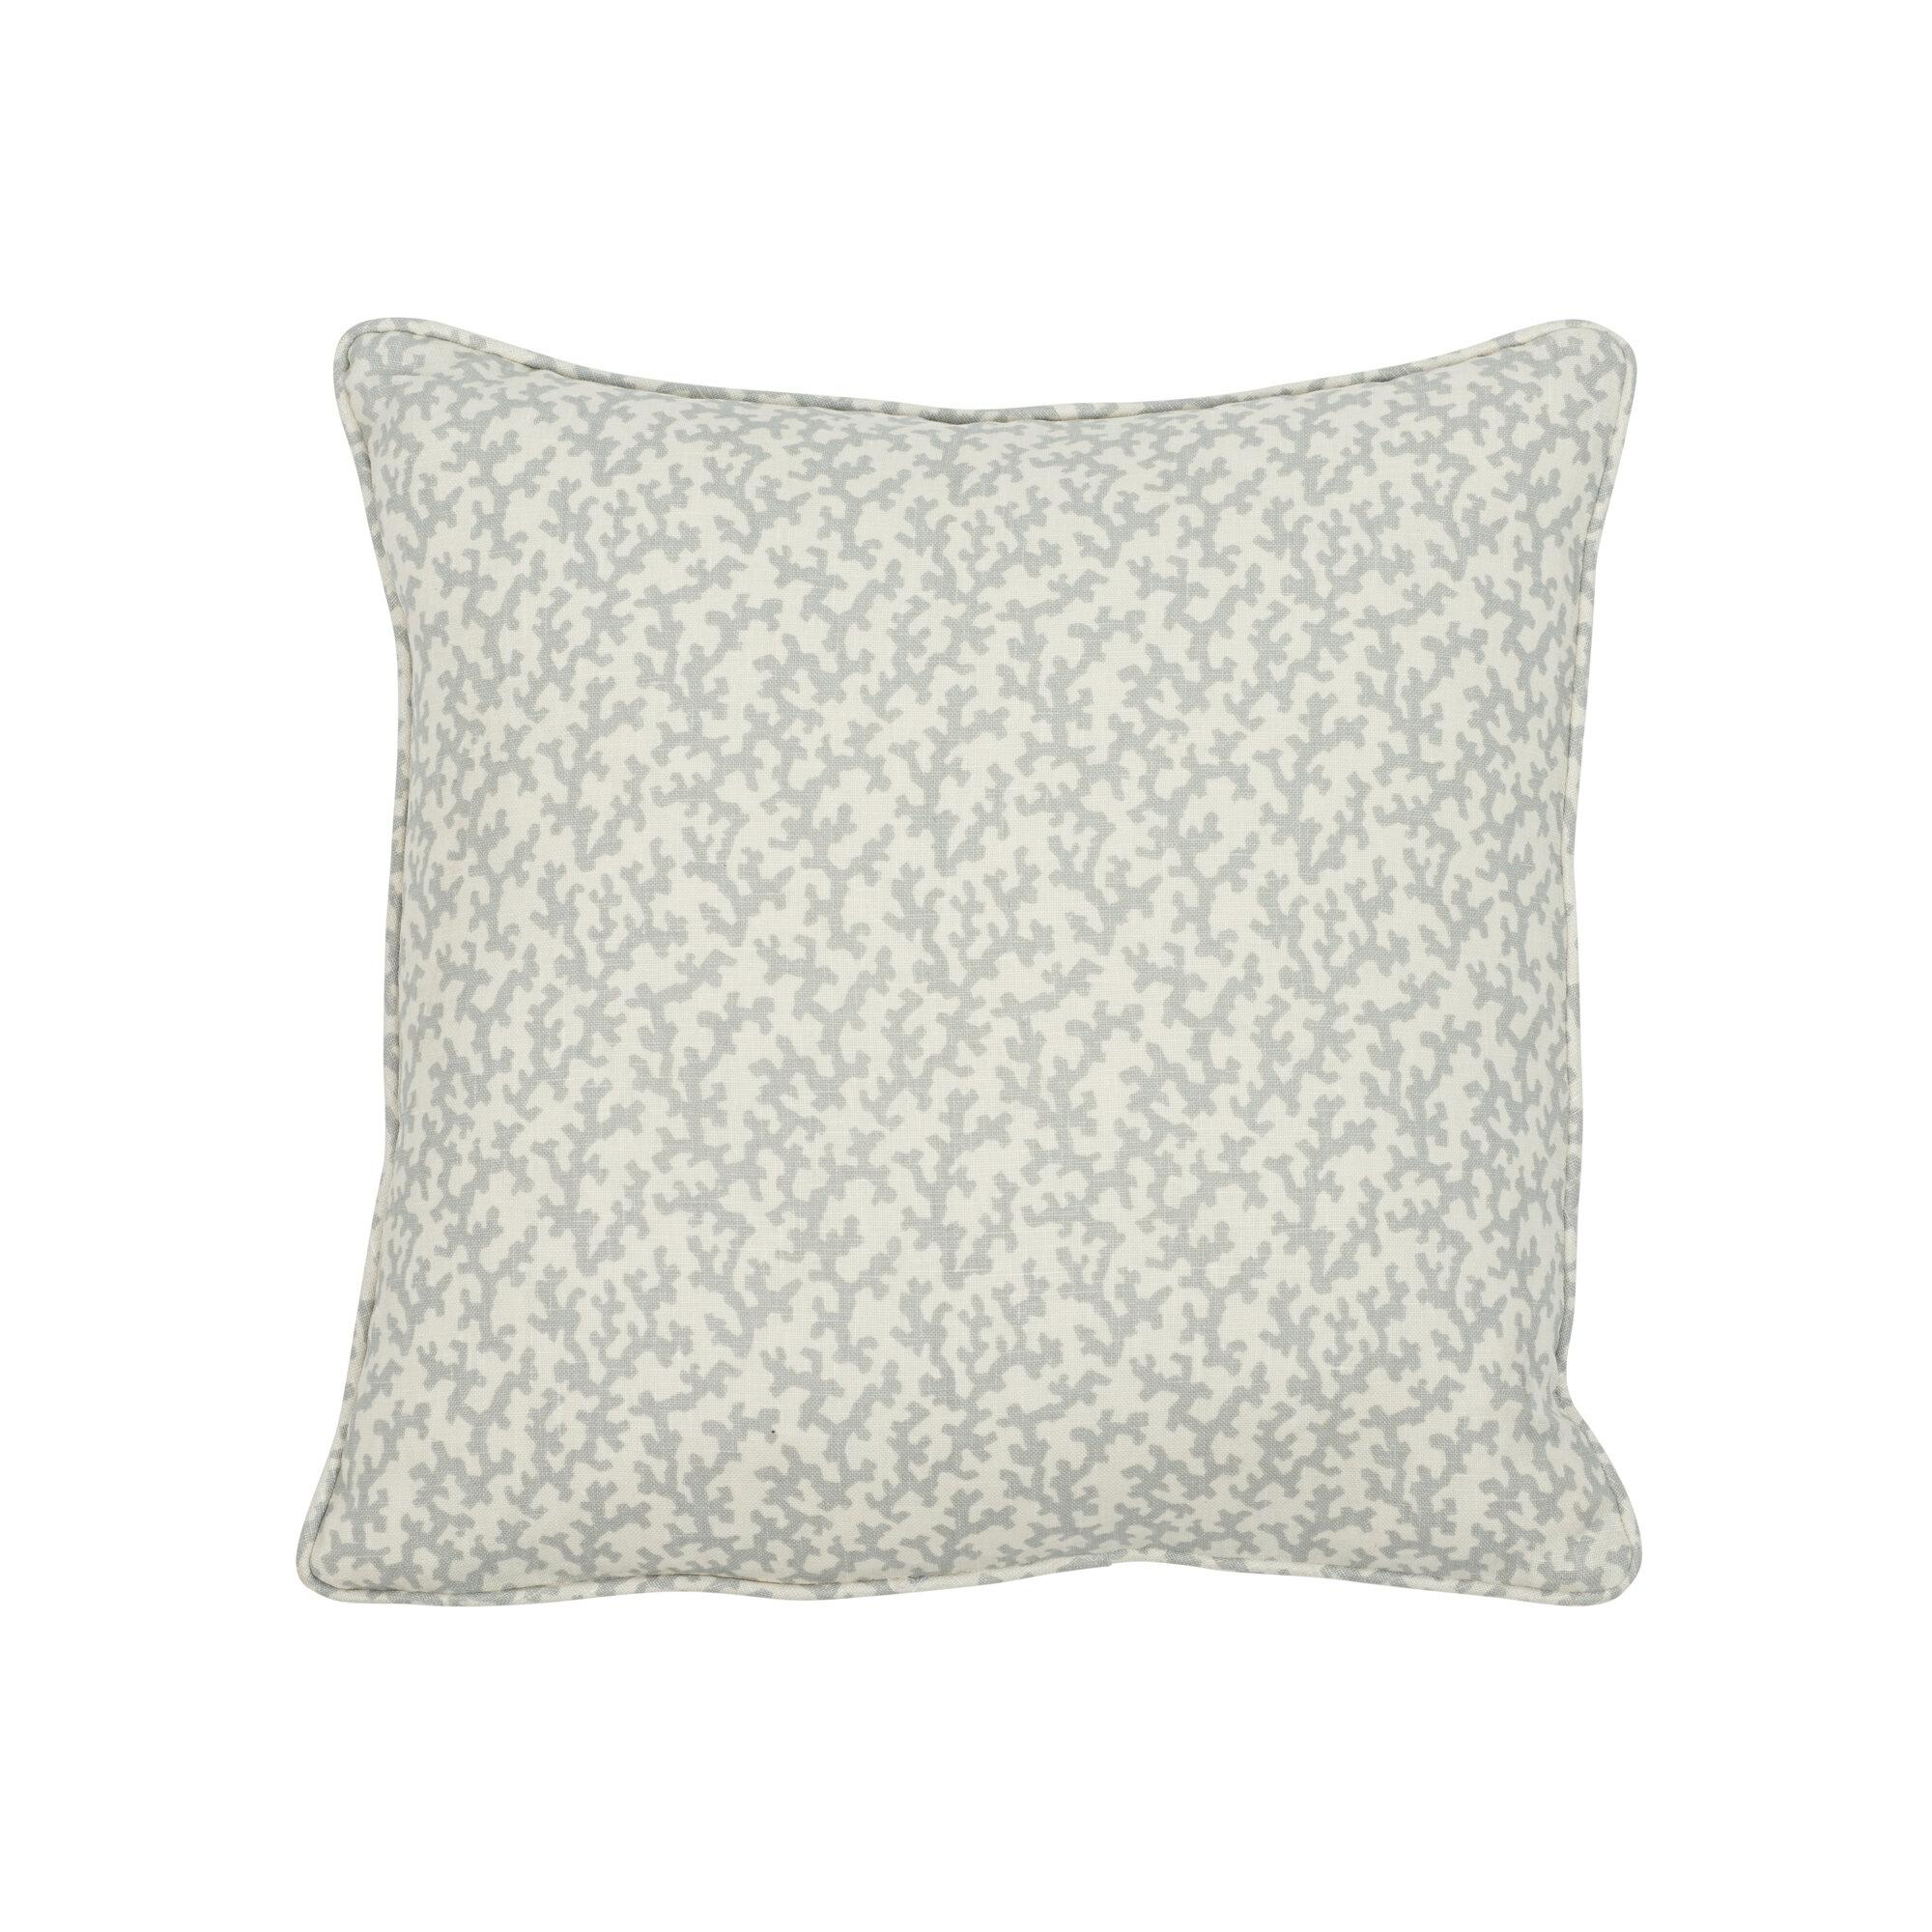 Schumacher Linen Abstract Throw Pillow Wayfair